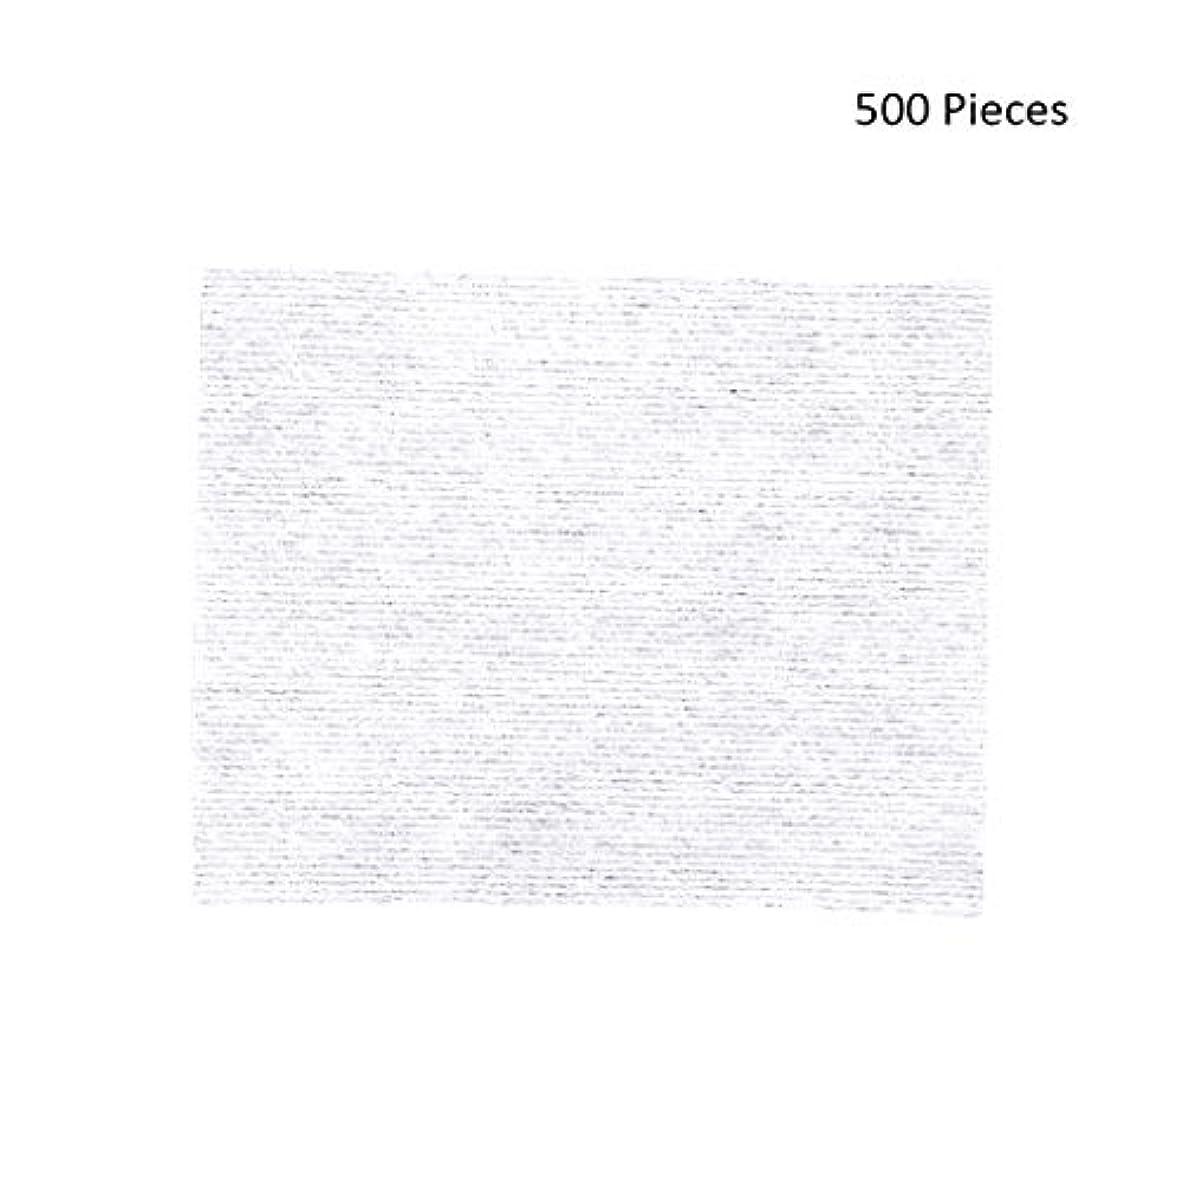 埋め込む租界選択する化粧パッド 500ピース化粧拭きコットンパッドメイク落としパッドソフトパッド化粧品フェイスマスククレンジングケアフェイシャルナプキンコットン メイク落とし化粧パッド (Color : White, サイズ : 6*5cm)